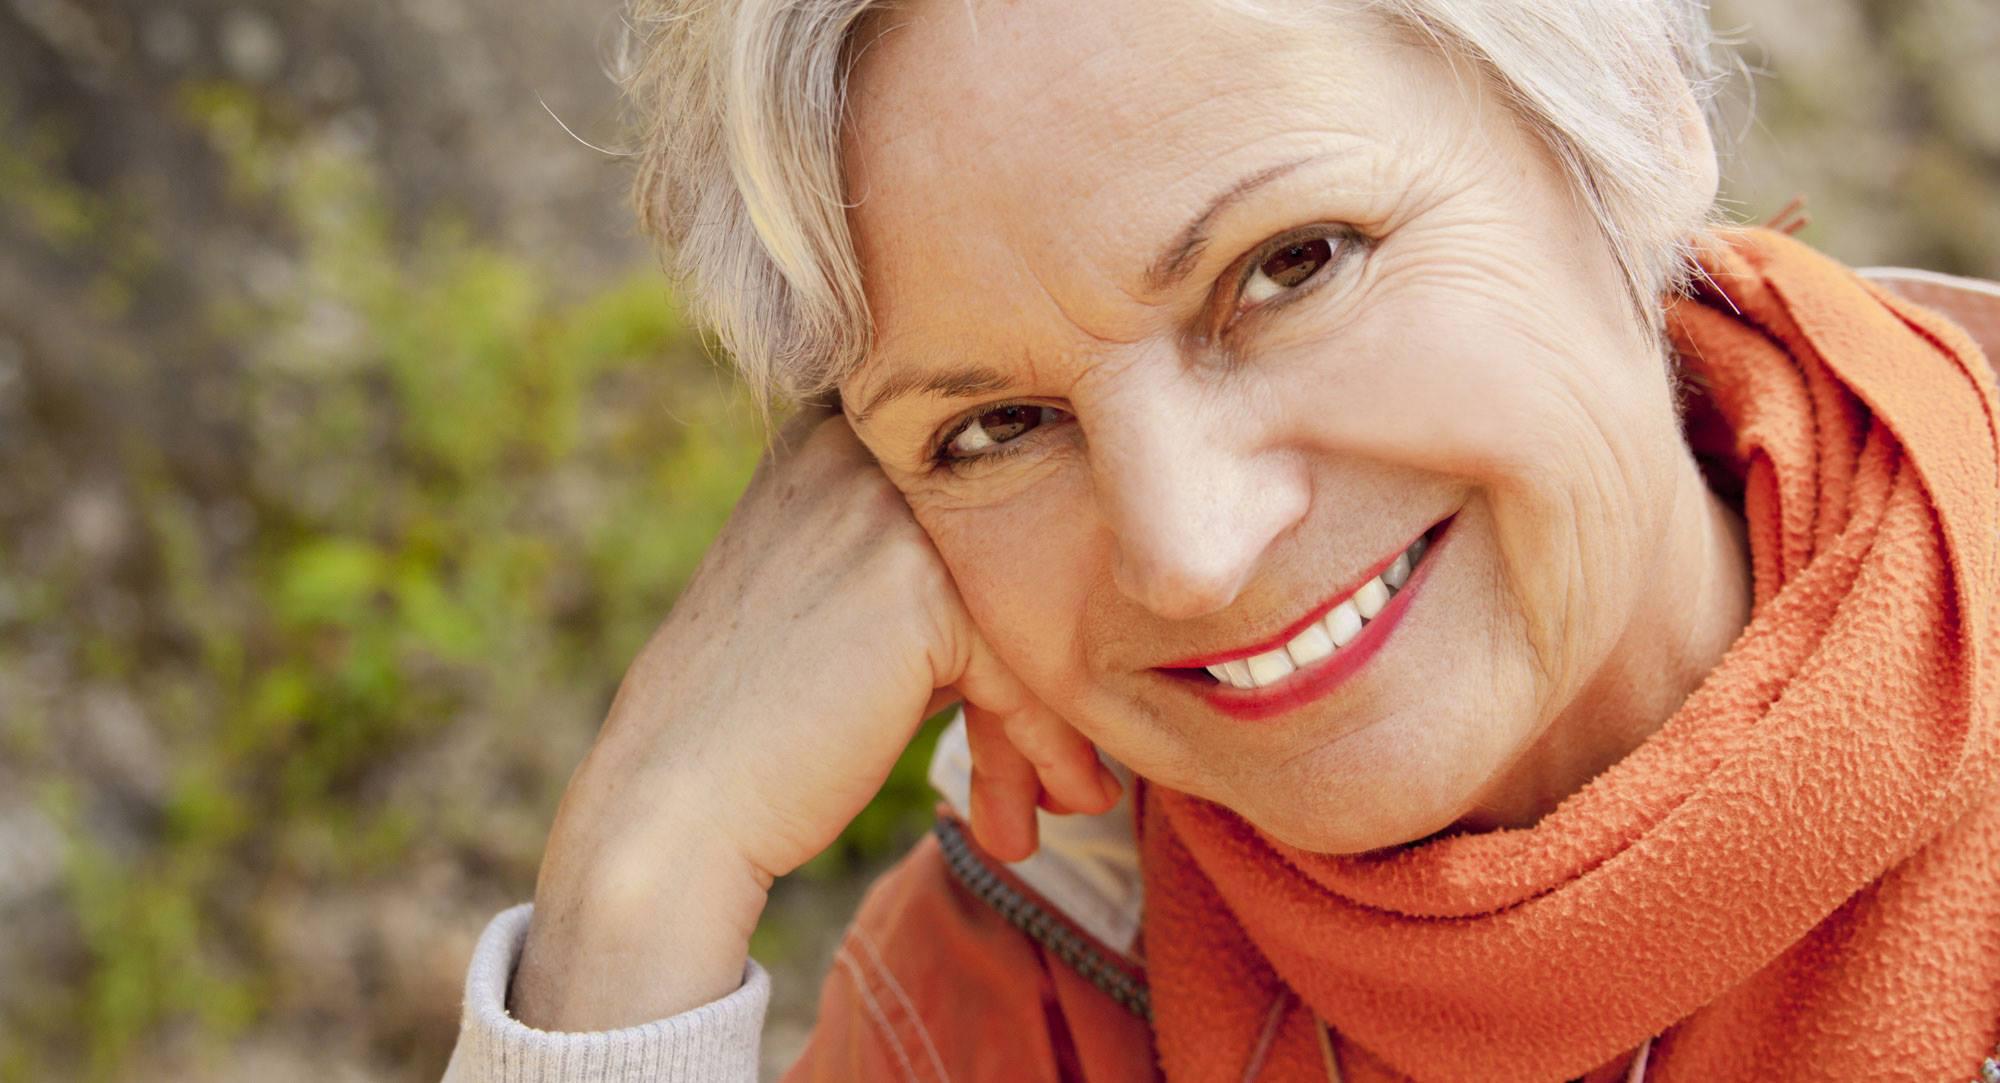 Фото красивых женщин за 60, Зрелые голые женщины 40-60 лет: старые, но не 17 фотография